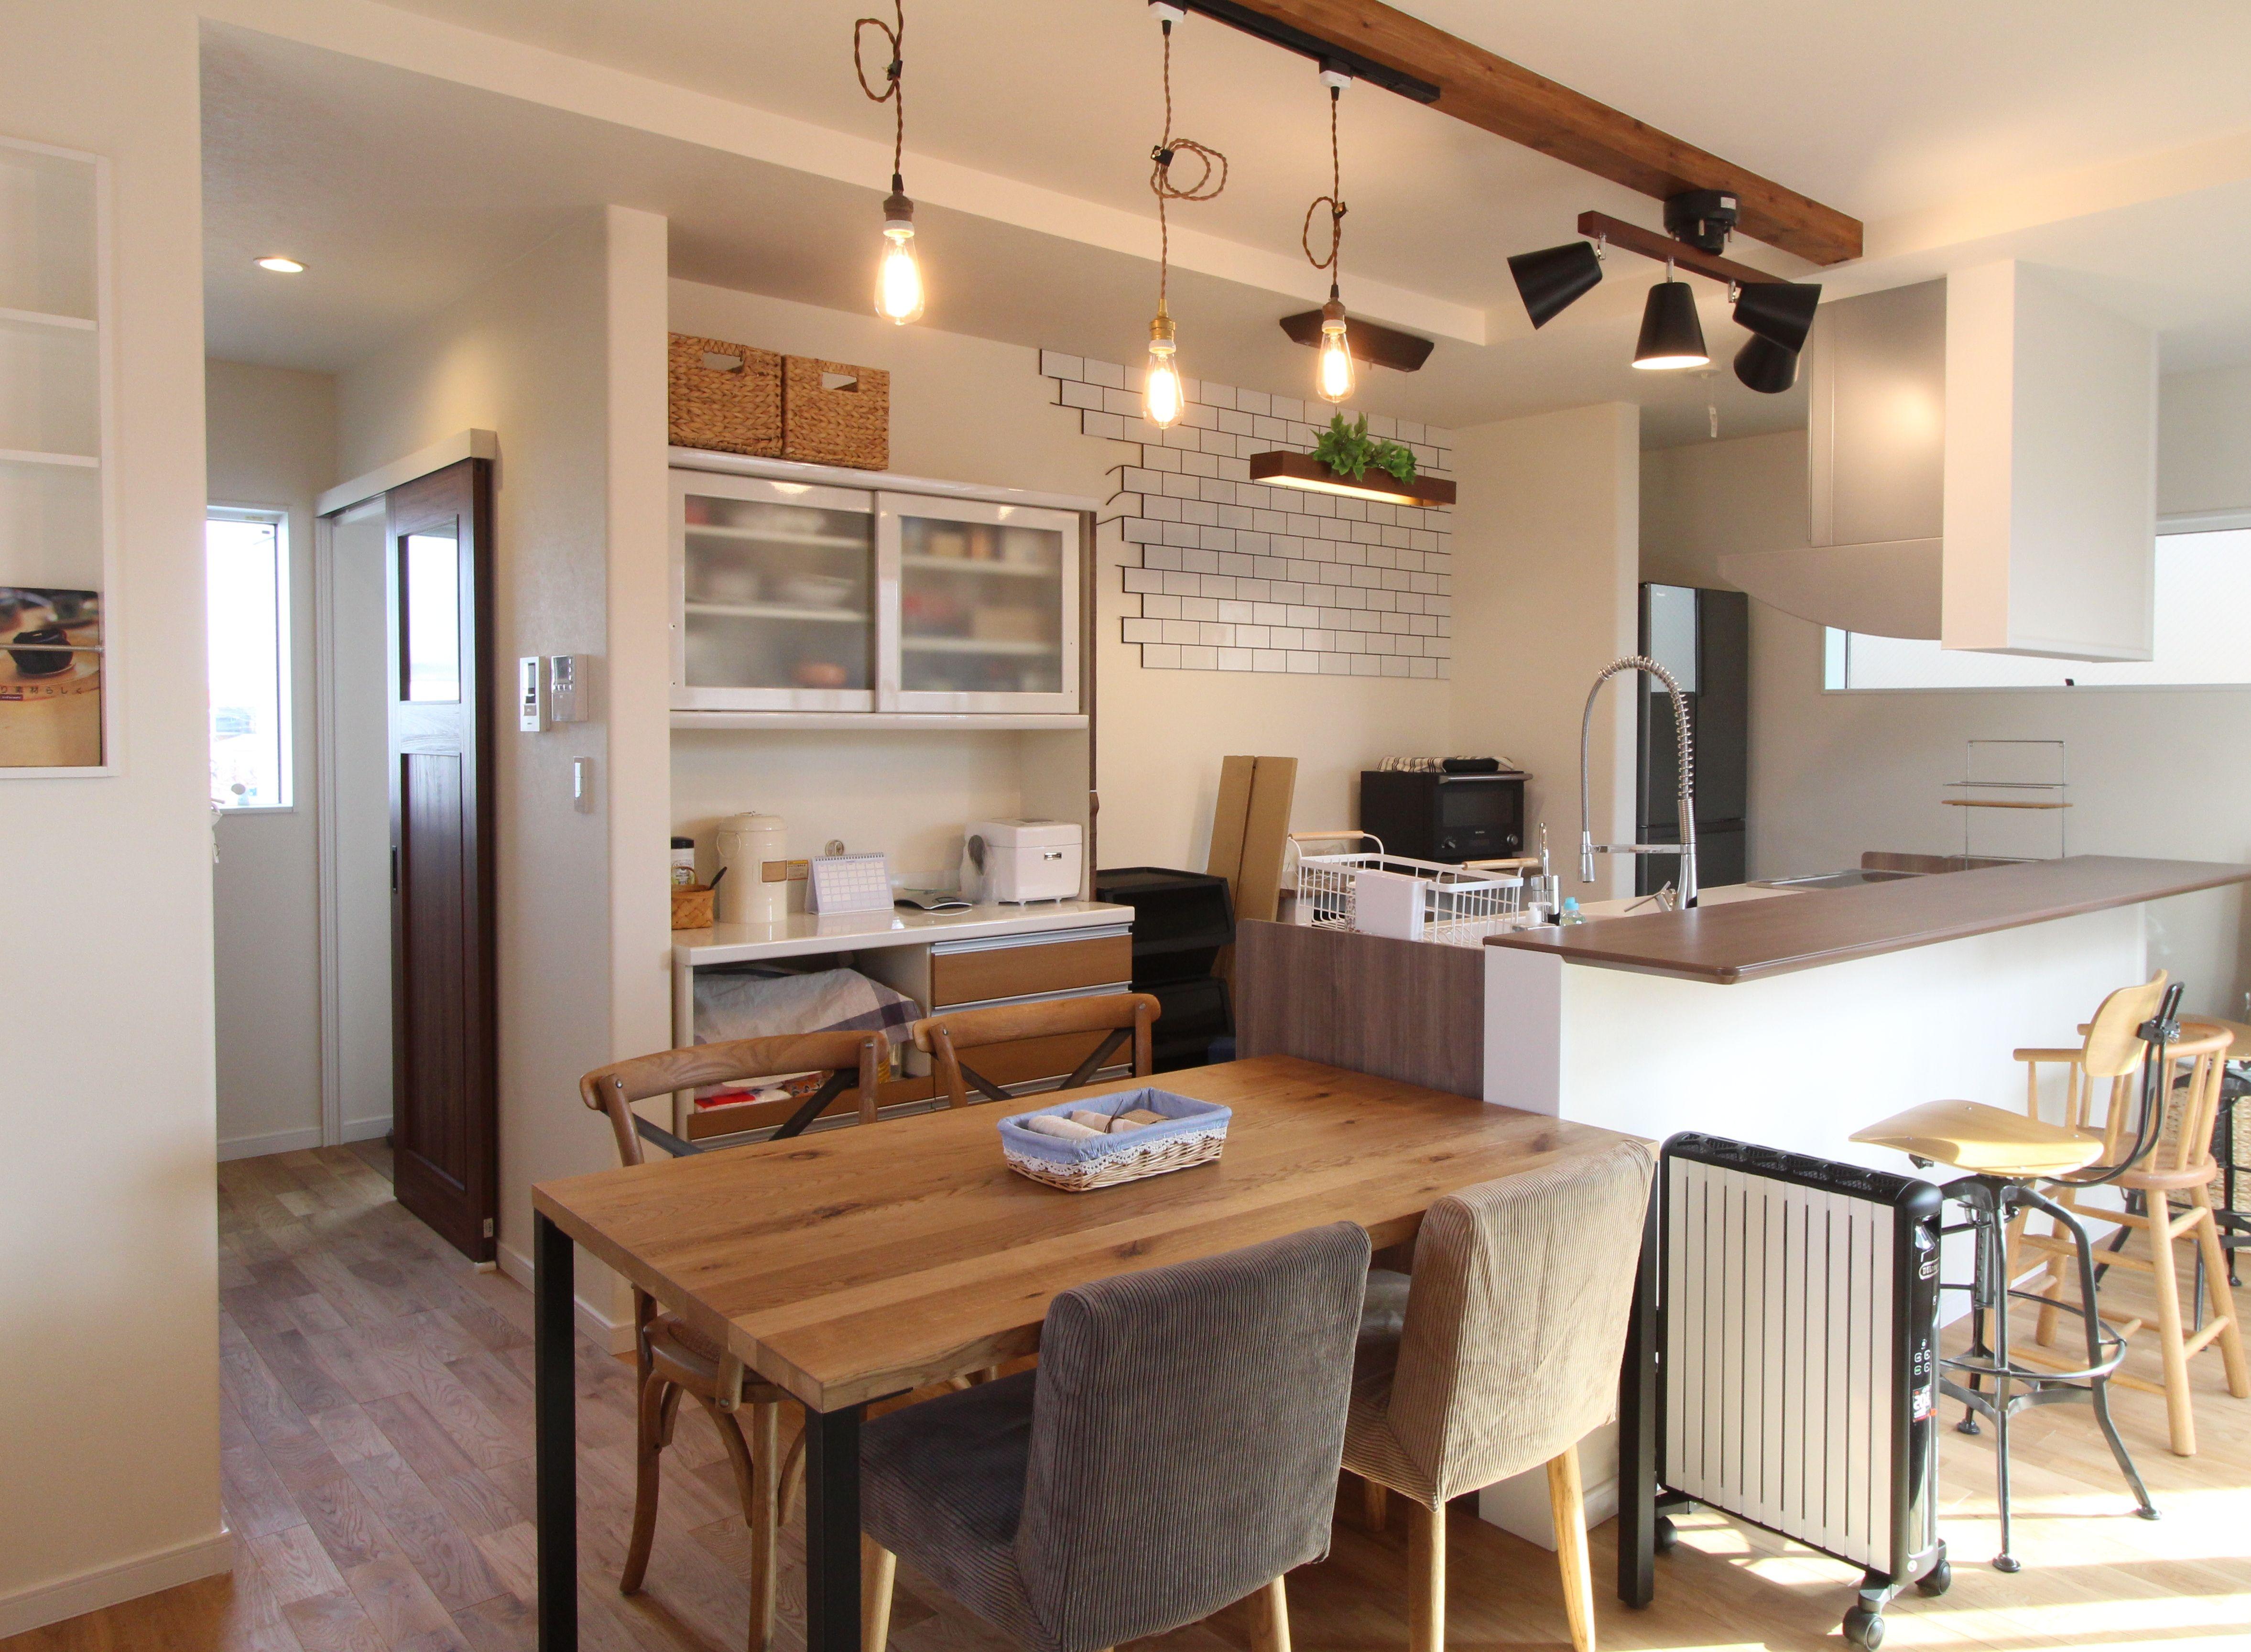 ラスティック ビンテージ スタイル ハウス 2階リビング 特大バルコニー カウンターキッチン 家 キッチン 2階リビング